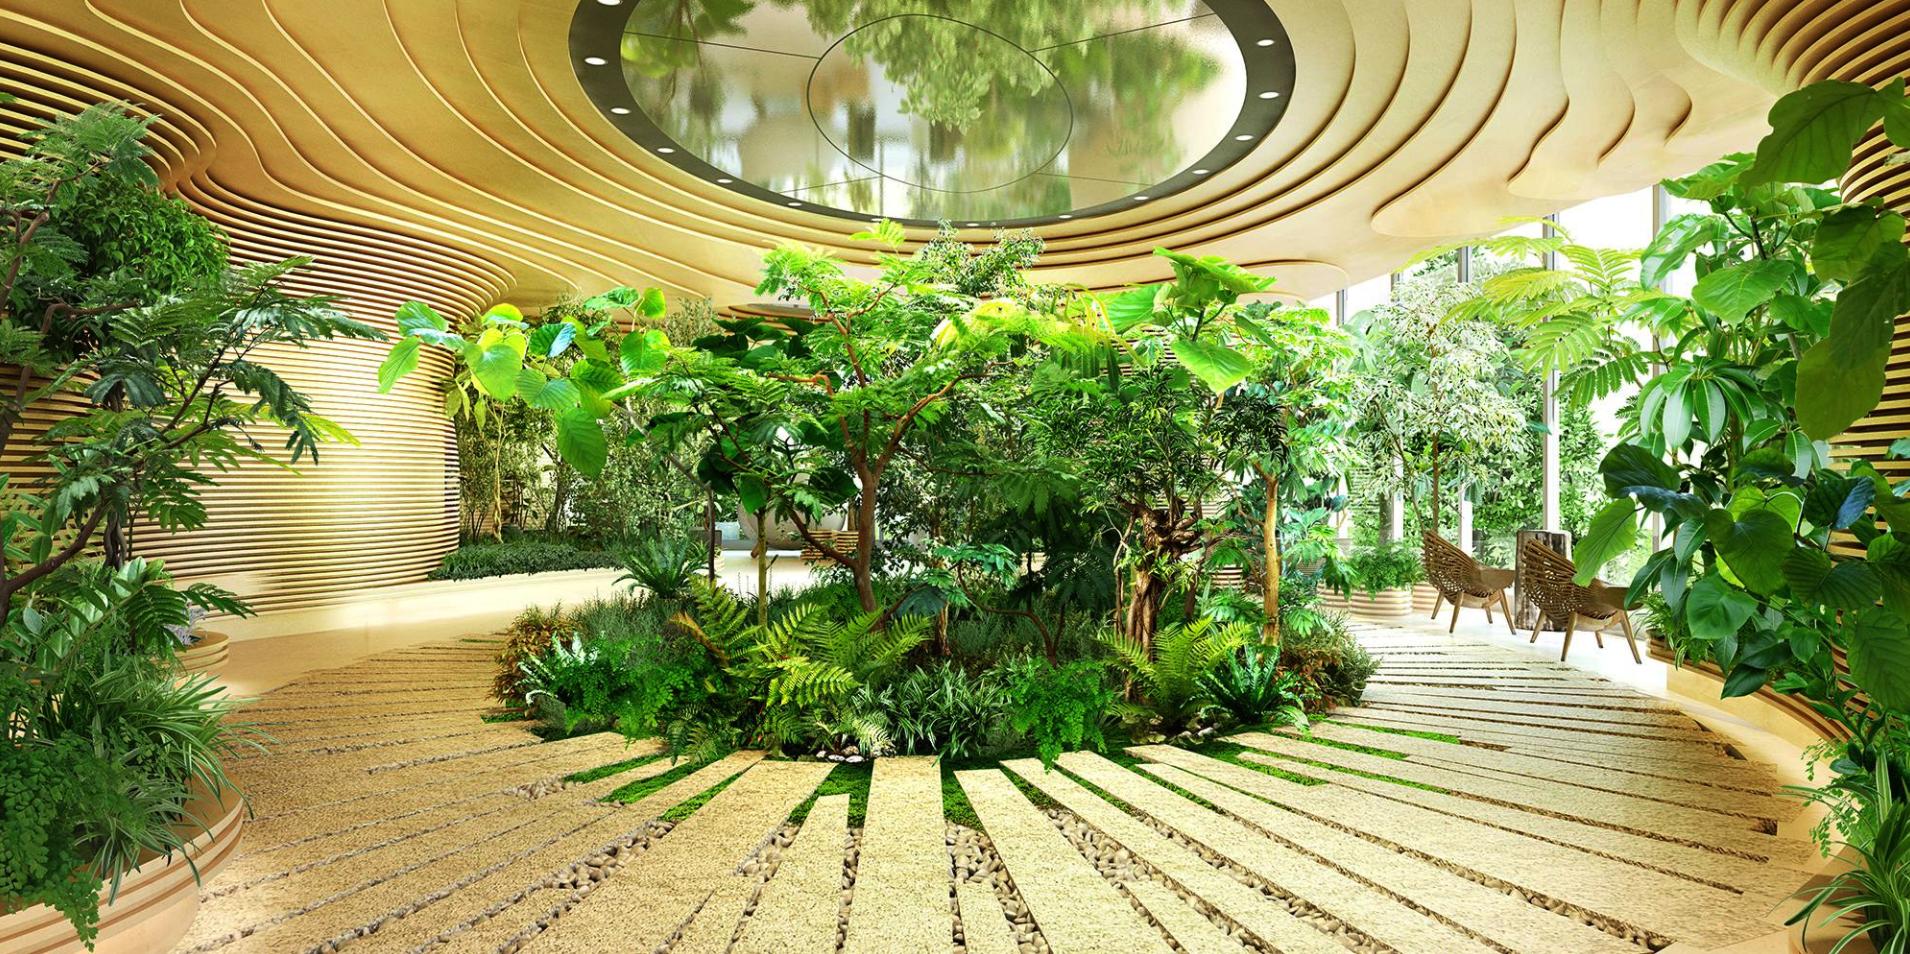 ザ・コート神宮外苑のヒーリングフォレストルーム